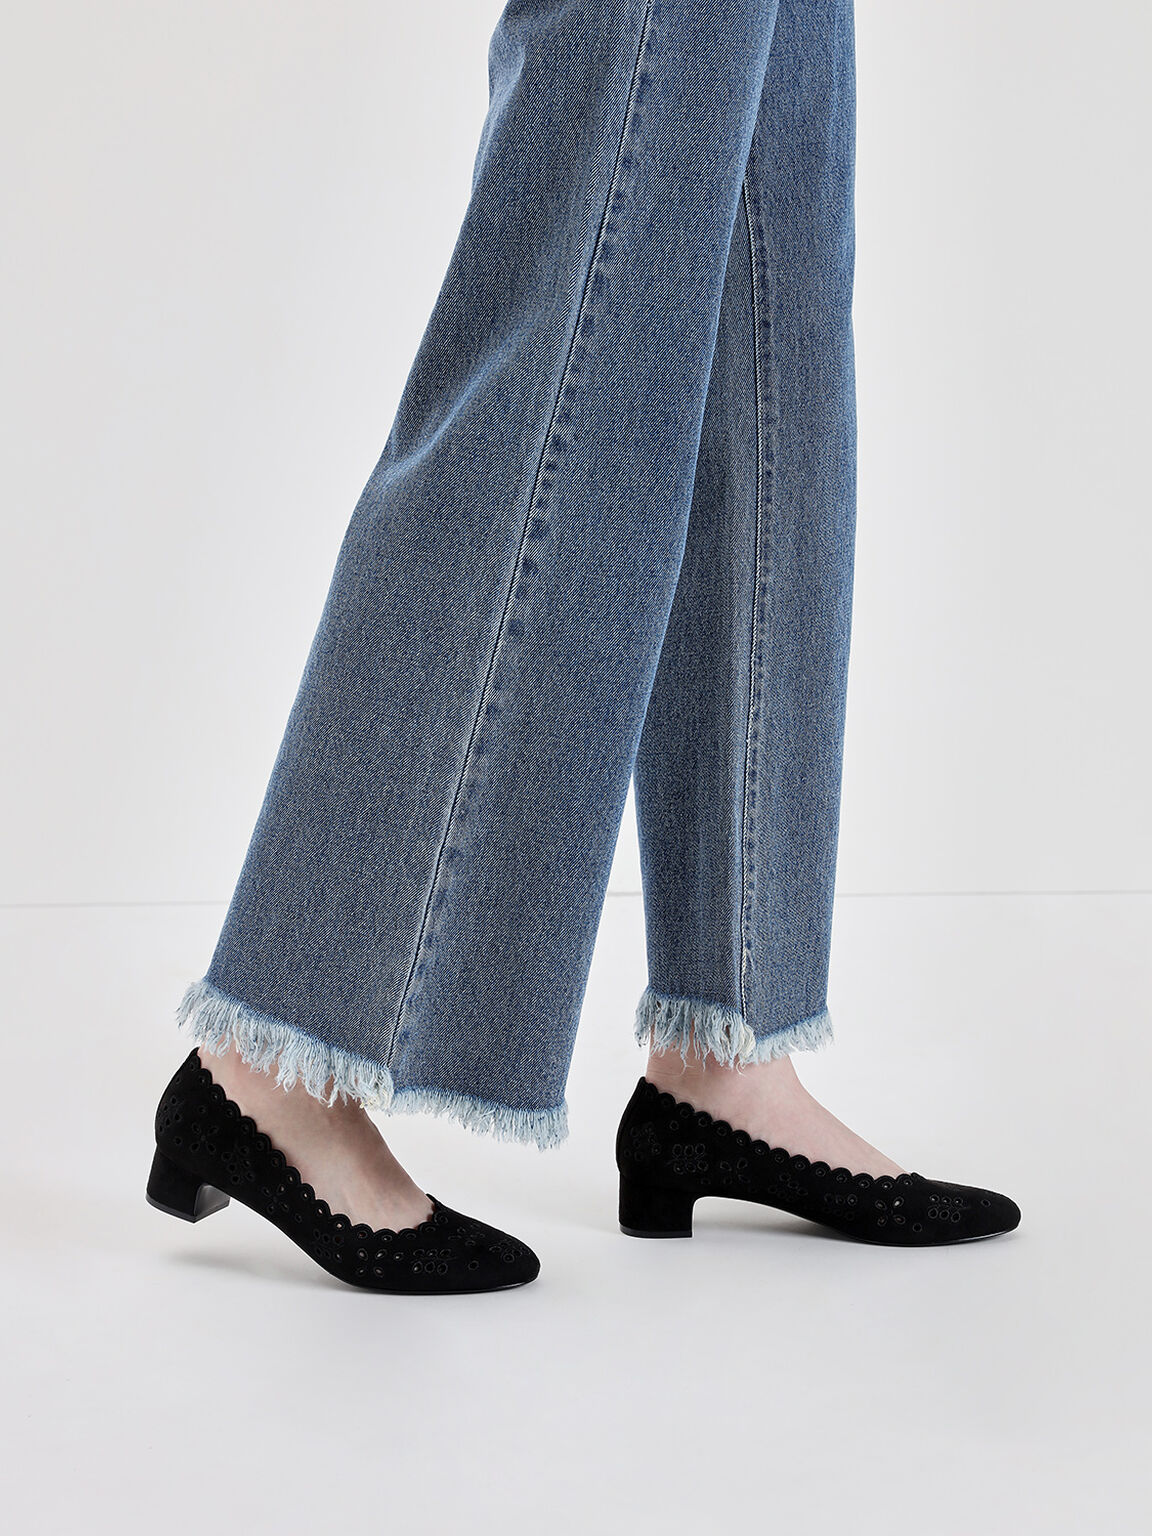 Scalloped Low Block Heel Pumps, Black, hi-res